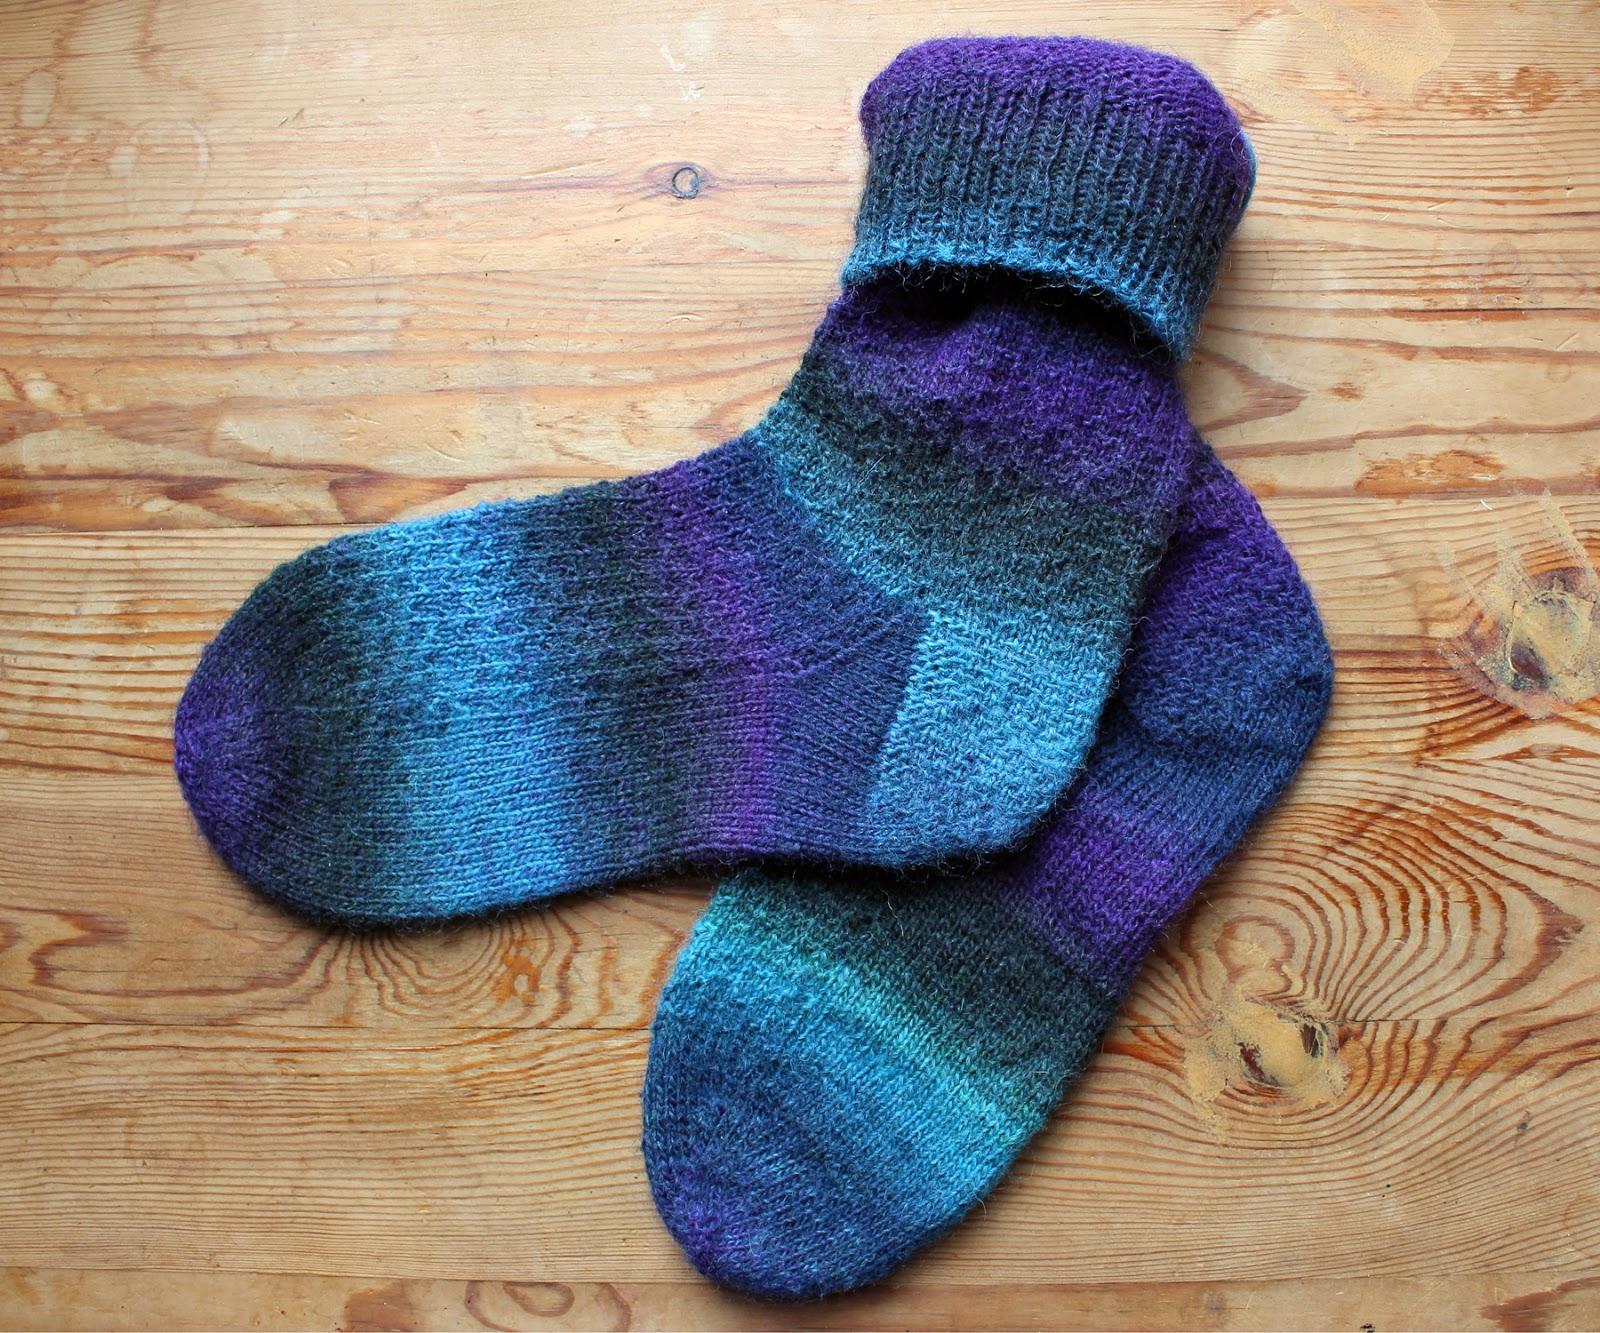 The Butterfly Balcony: Knit It - Star Trek Socks